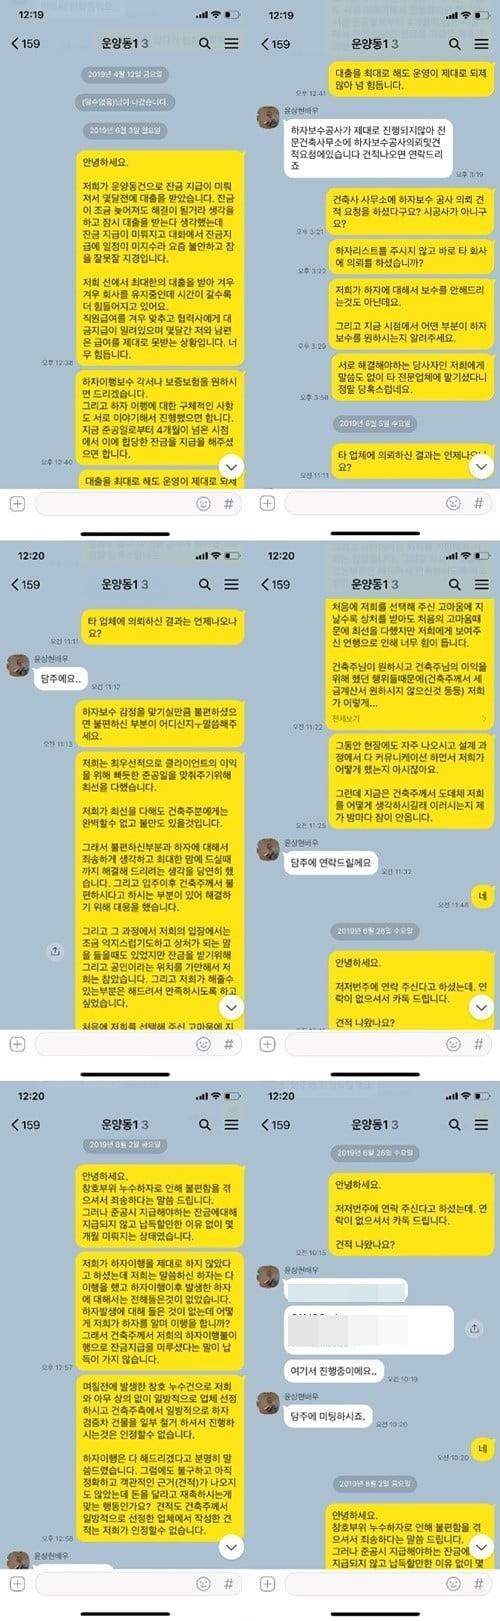 부실공사 논란에 휩싸인 윤상현 집 시공사 측이 윤상현과 나눈 카톡 대화 일부를 공개/사진=법무법인 에스엔